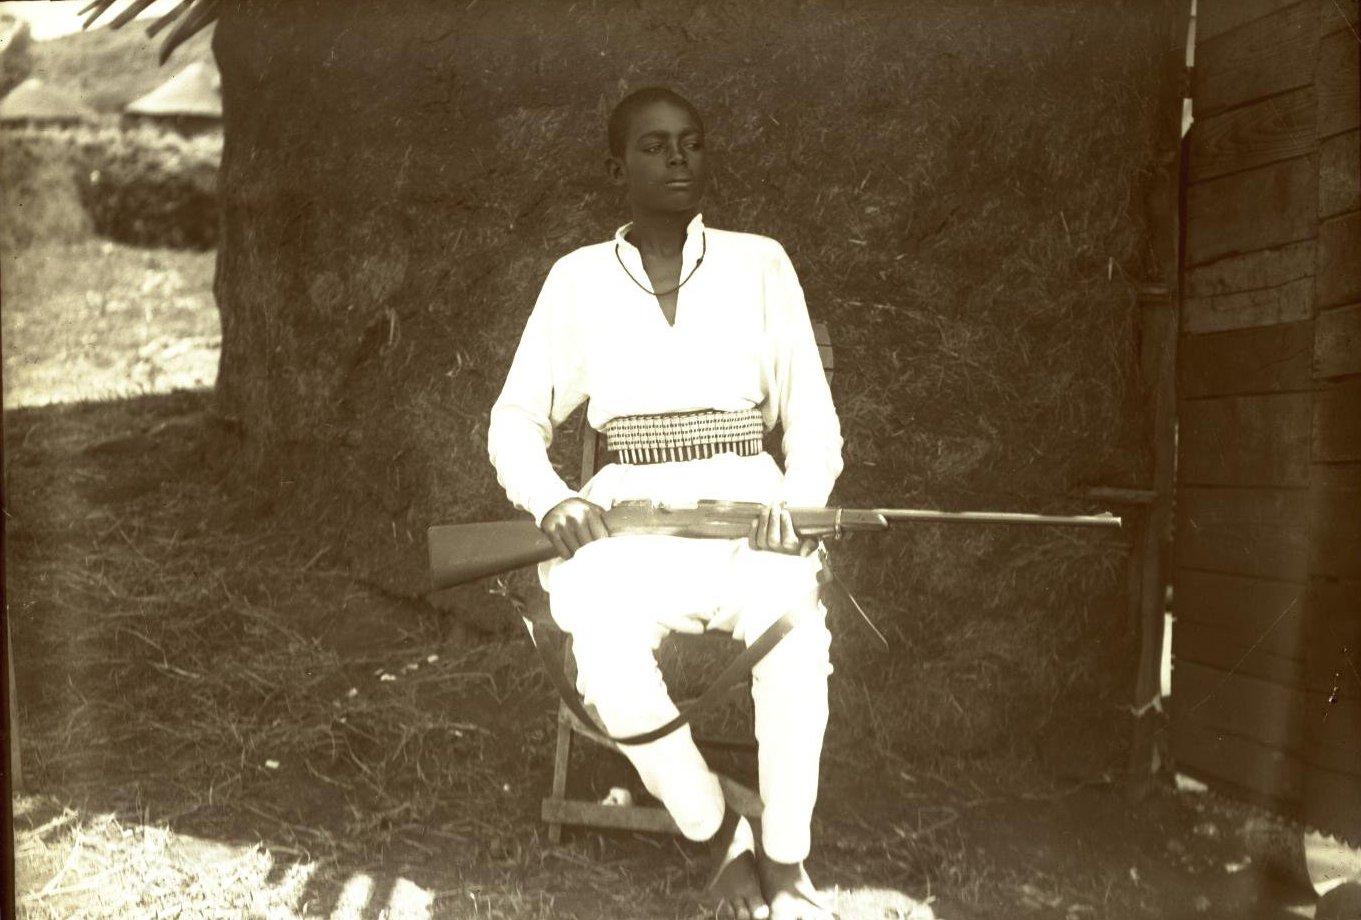 381. 1899. Абиссиния, Аддис-Абеба. Молодой человек по имени Гефасен с ружьём